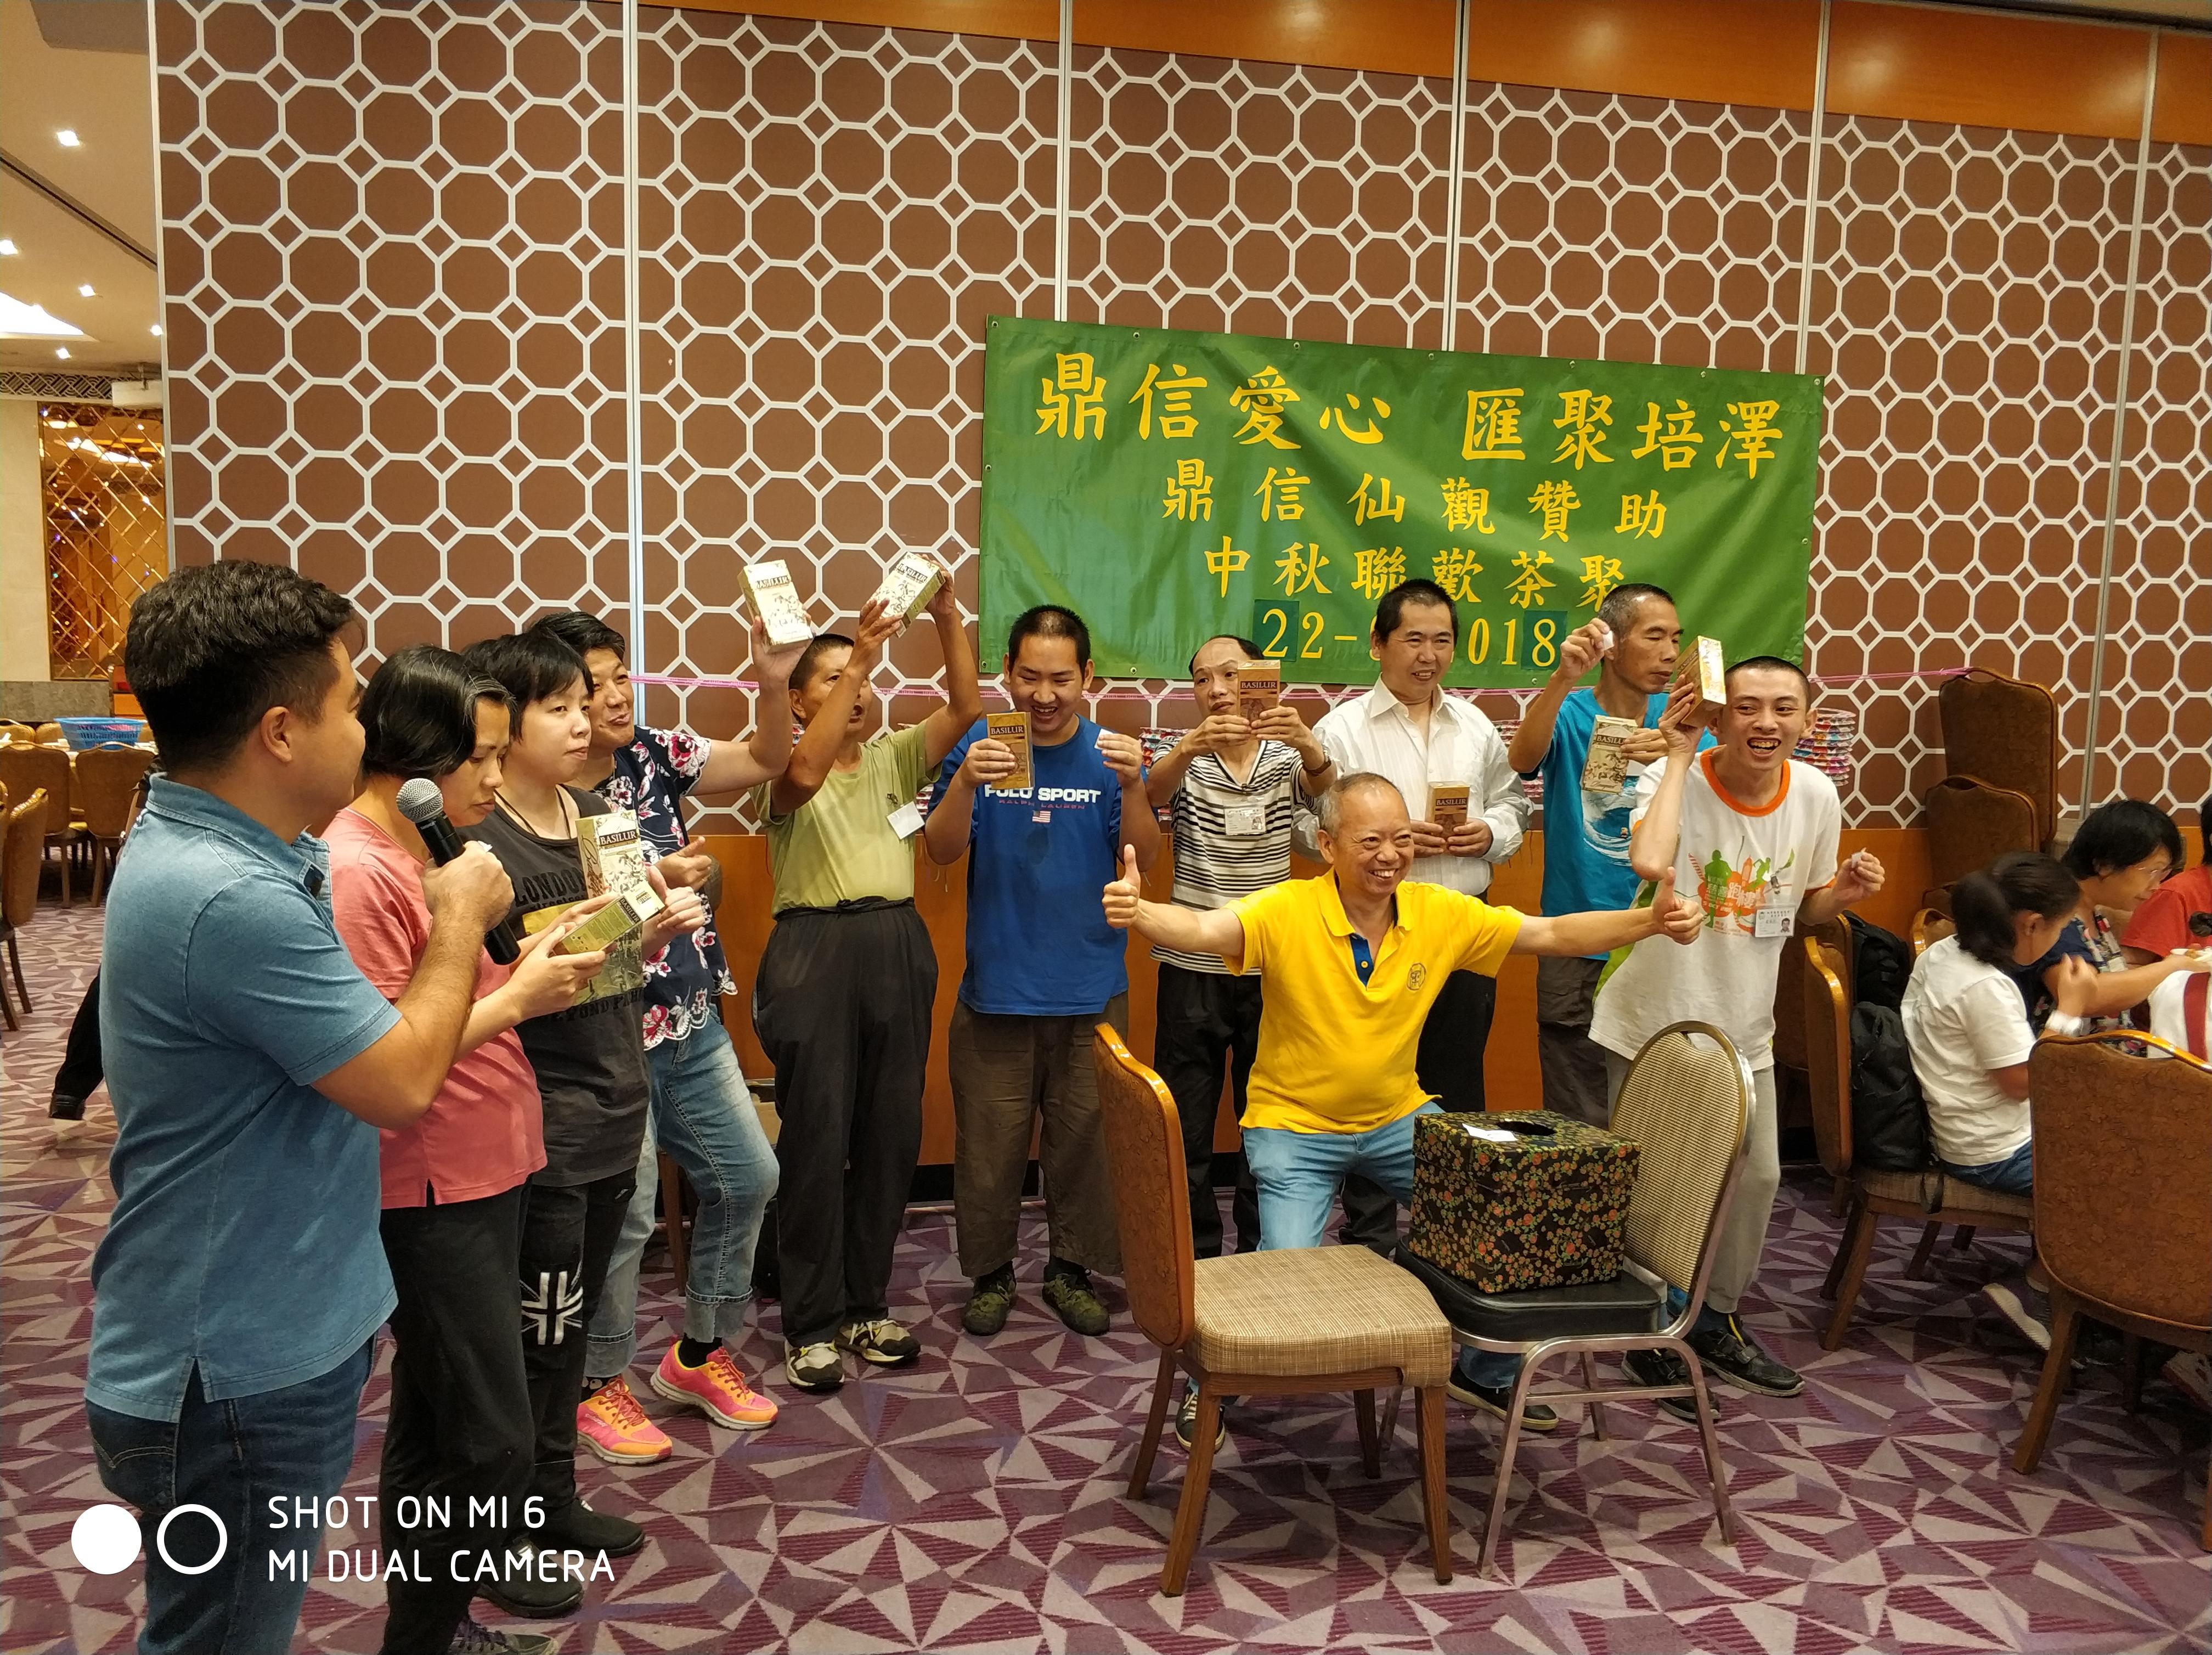 2018探訪培澤協進會之長者及弱智中心,舉辦中秋茶聚3.jpg